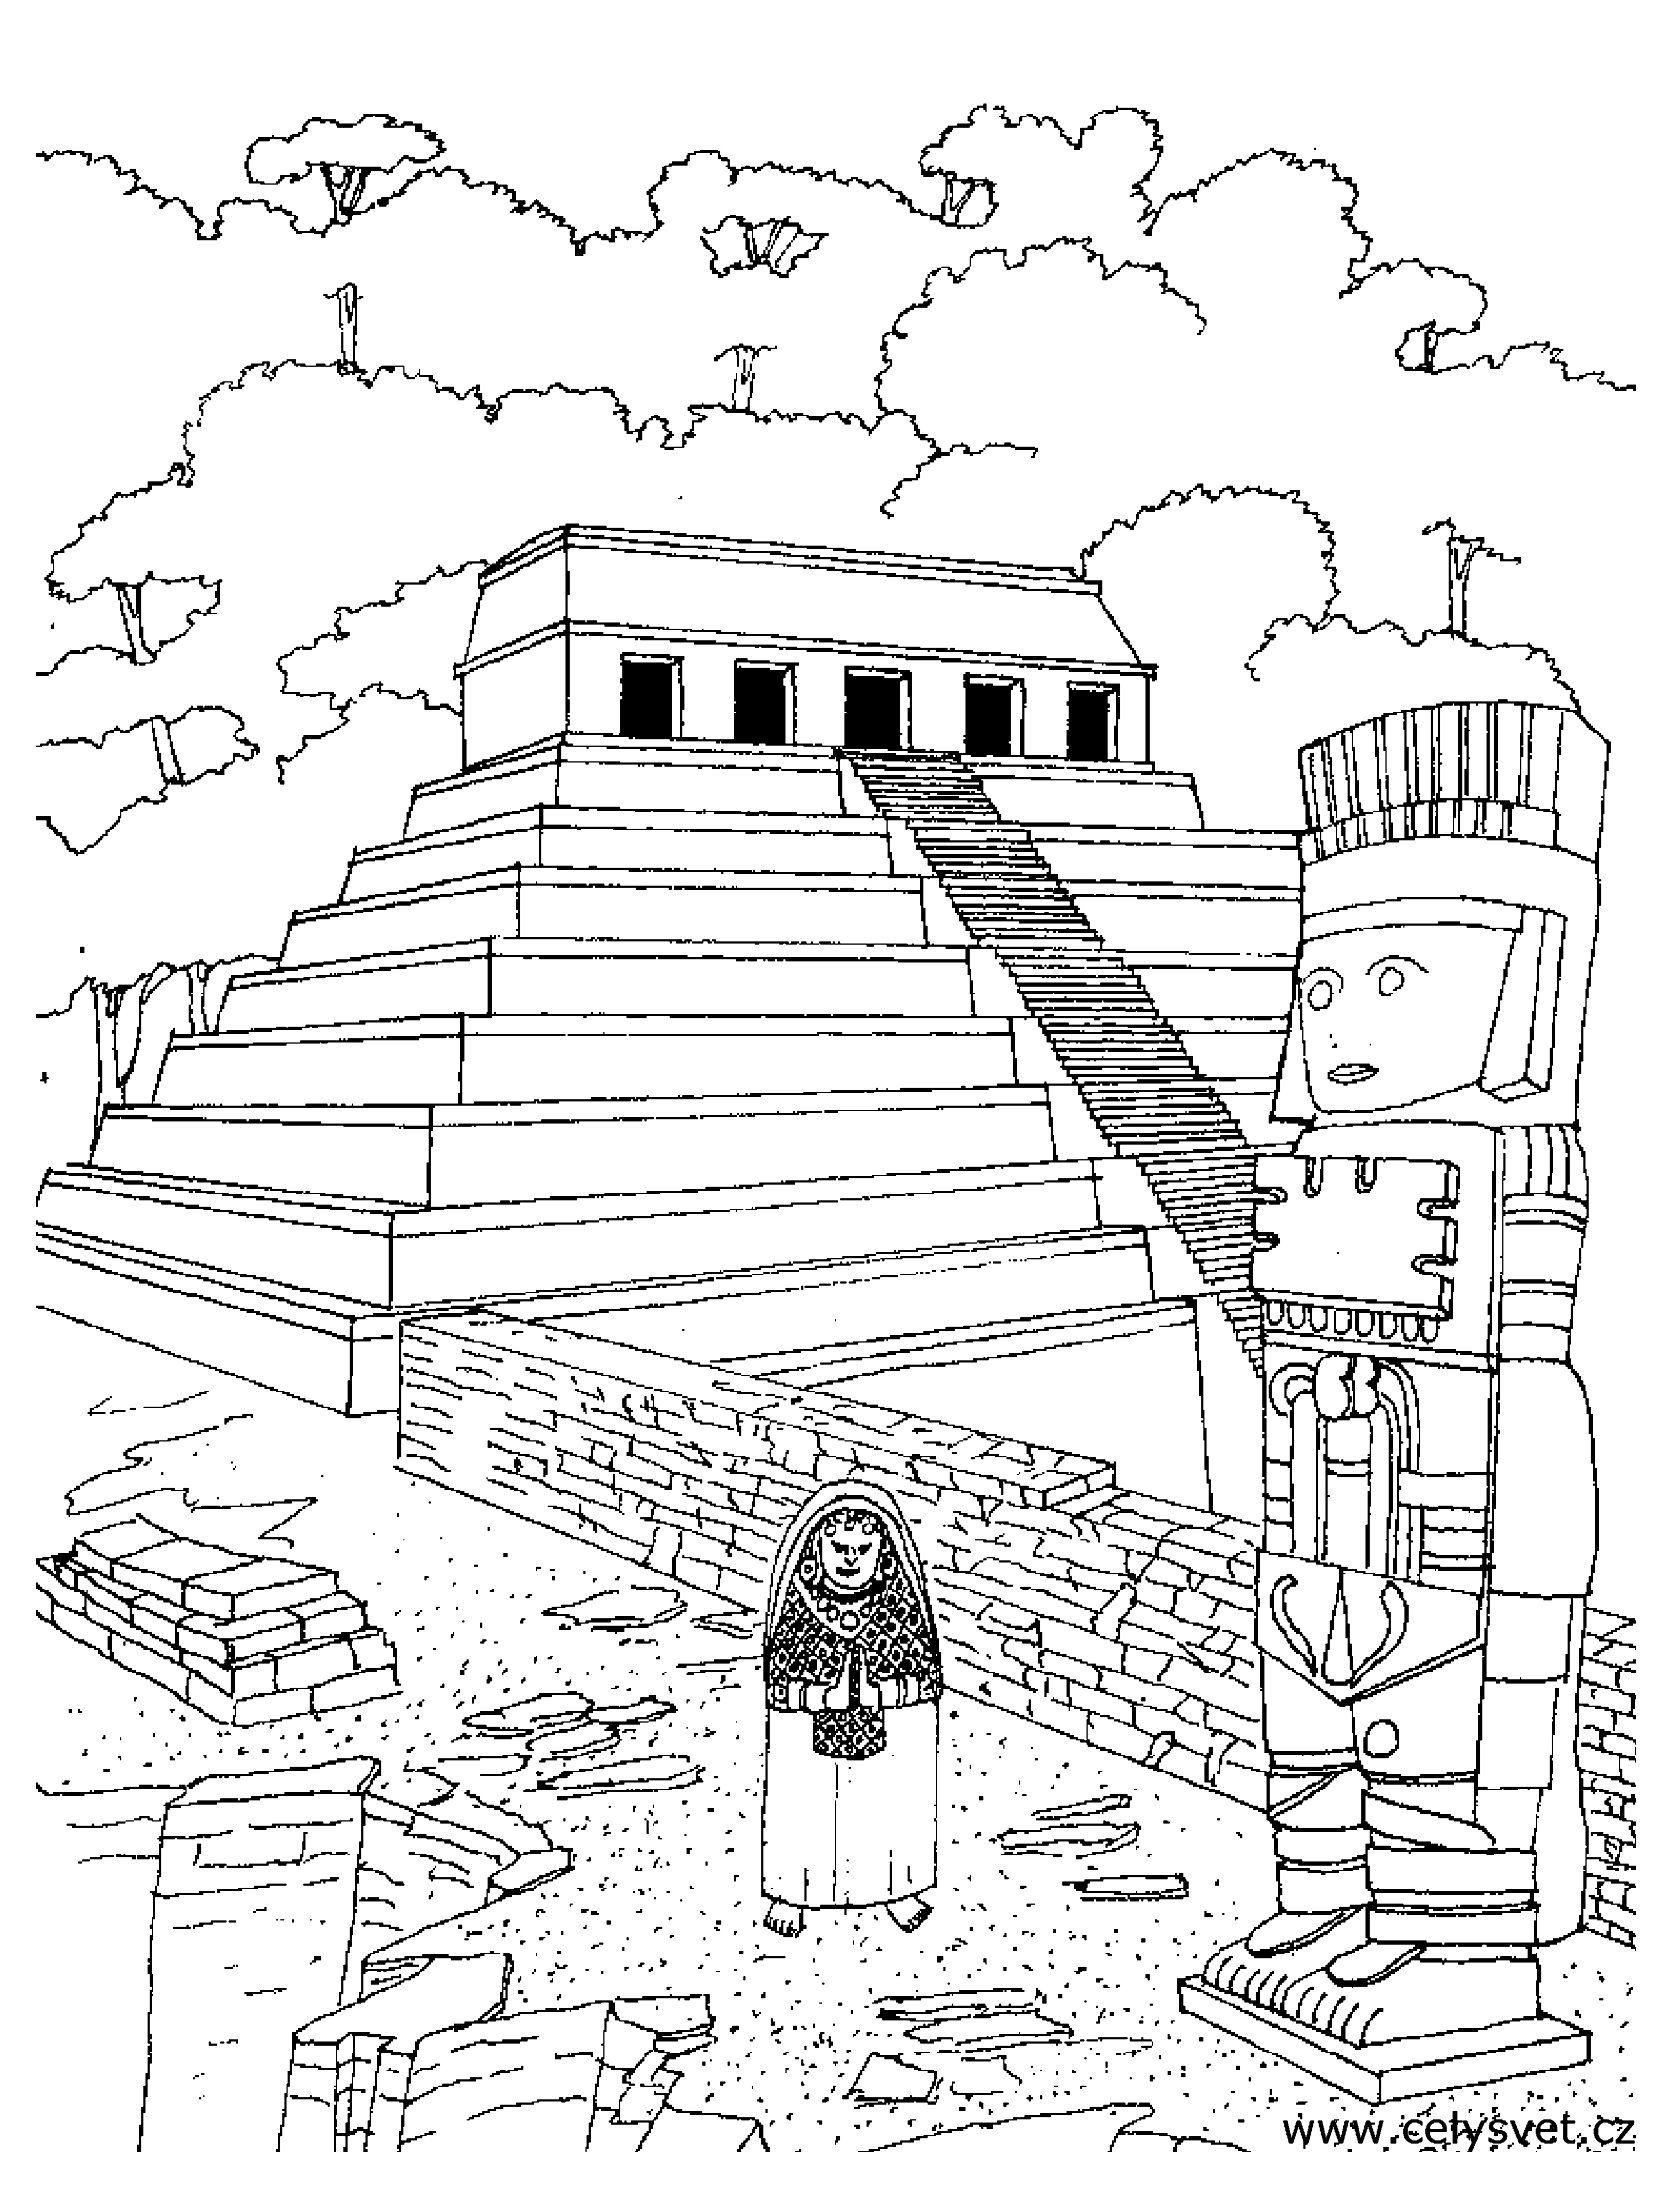 Epingle Sur Mayans Aztecs And Incas Coloring Pages